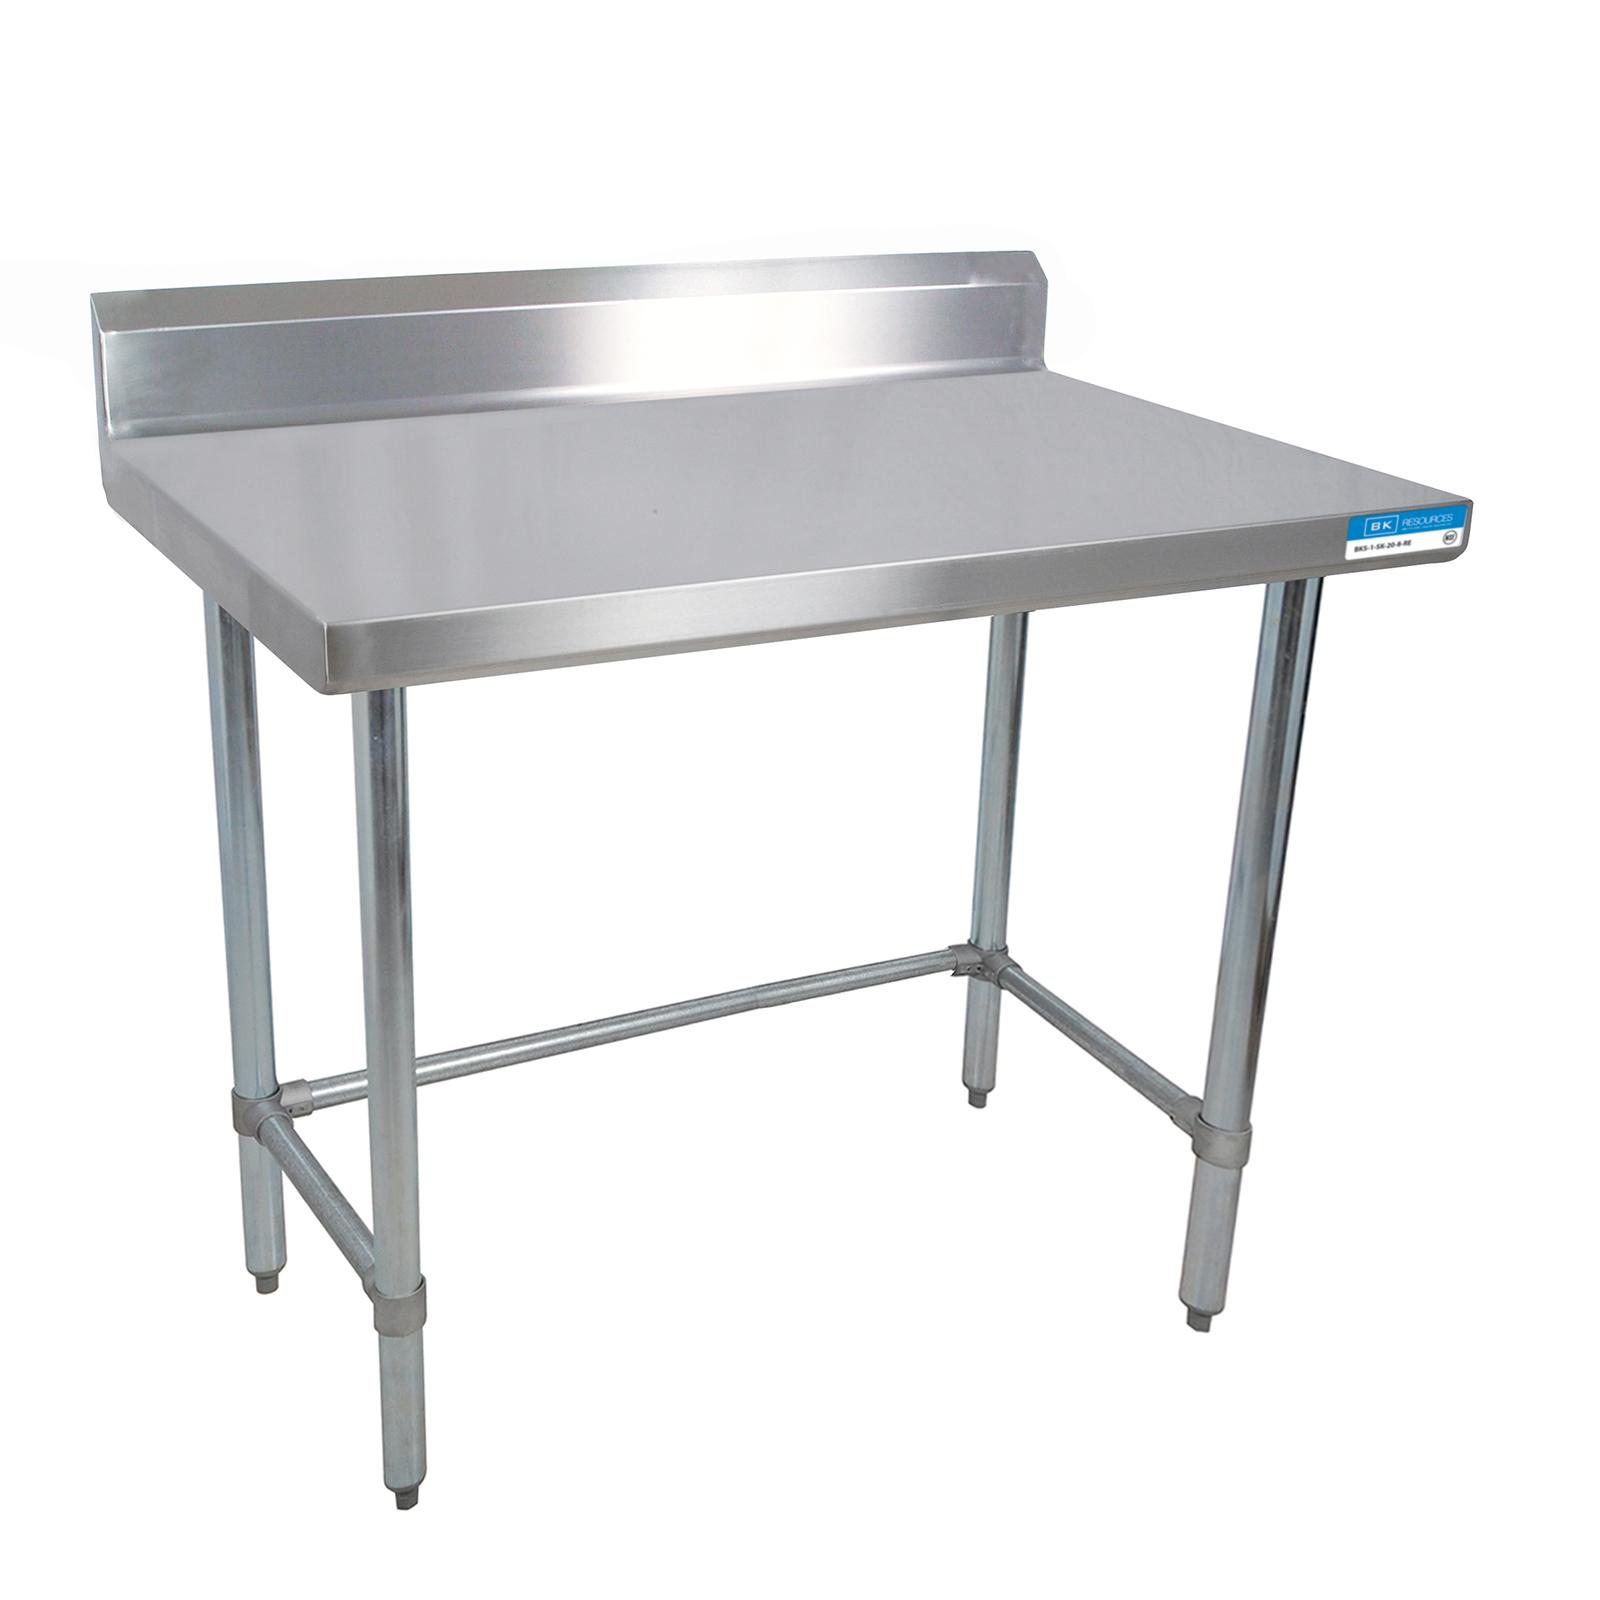 BK Resources VTTR5OB-4830 work table,  40